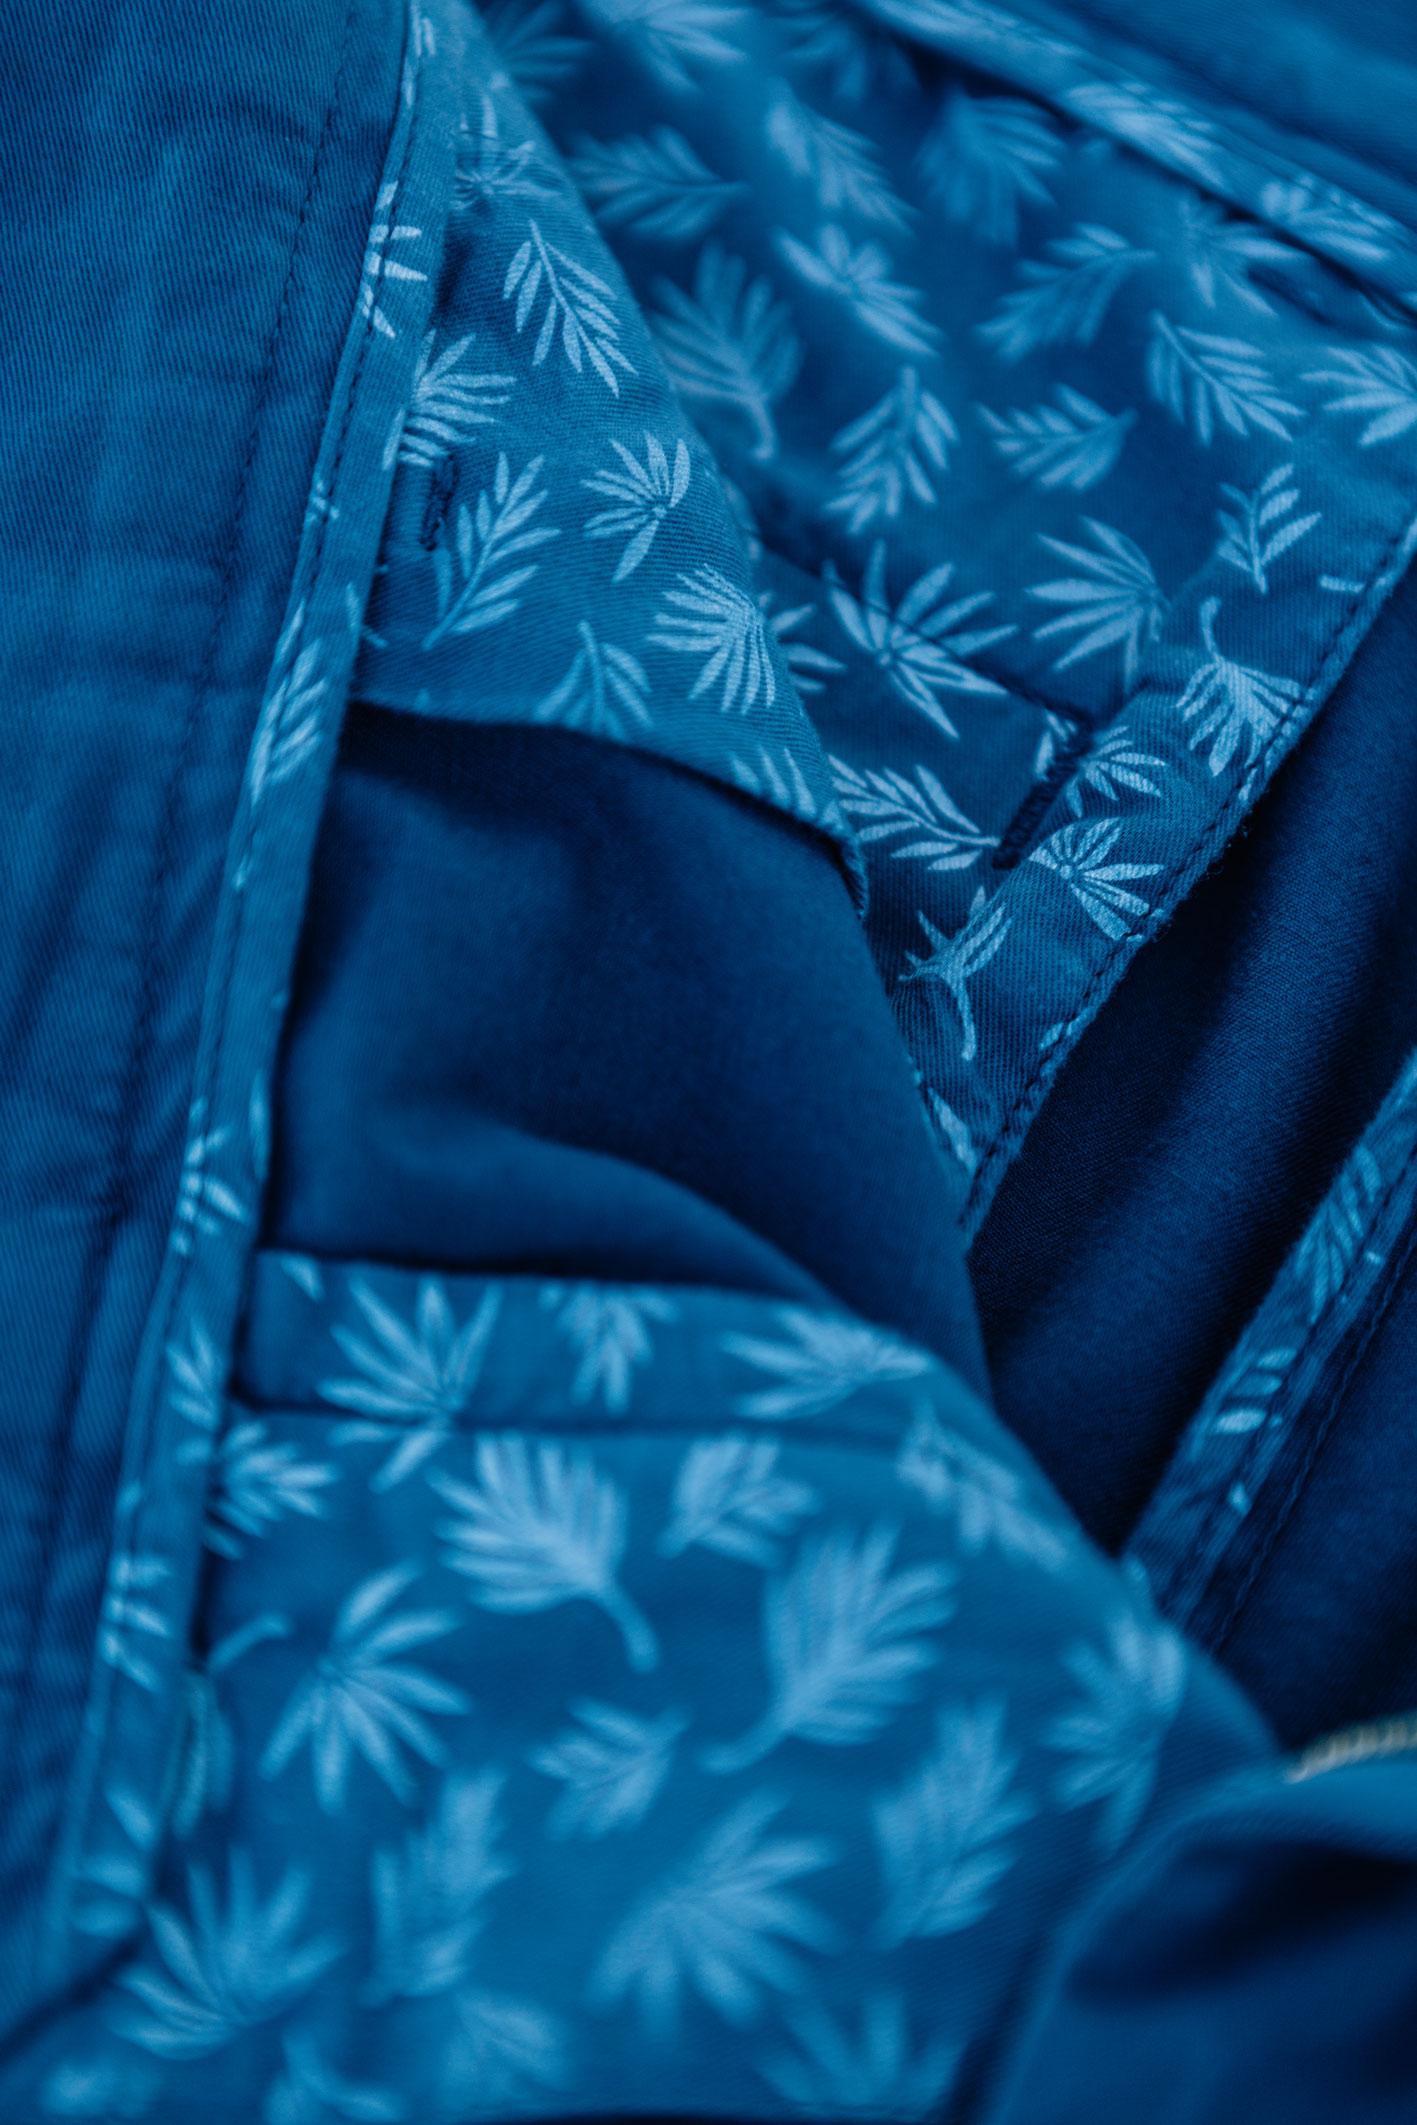 Chino bleu canard poche intérieure